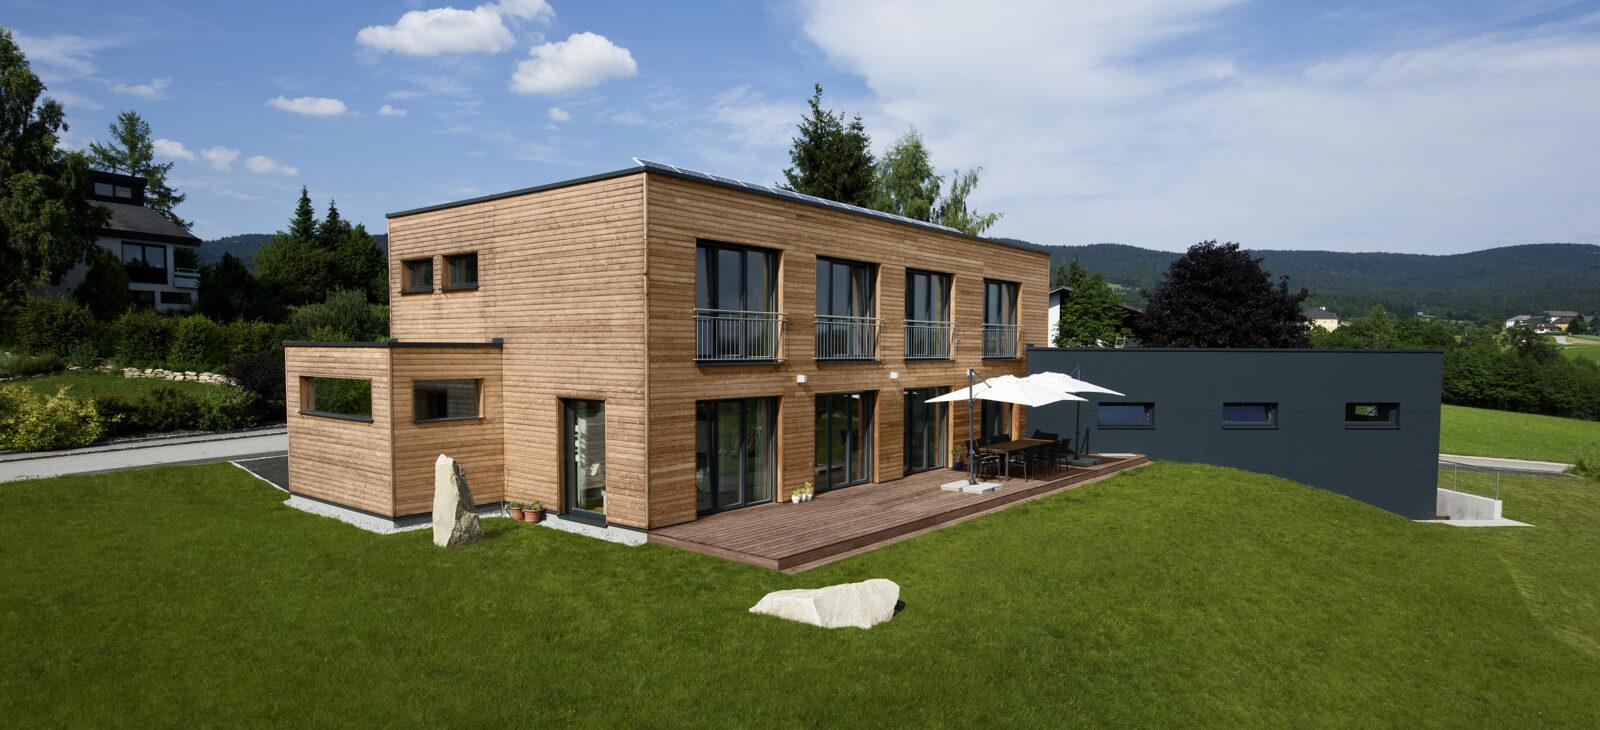 Böhmerwaldhaus von Brüder Resch Hoch- und Tiefbau